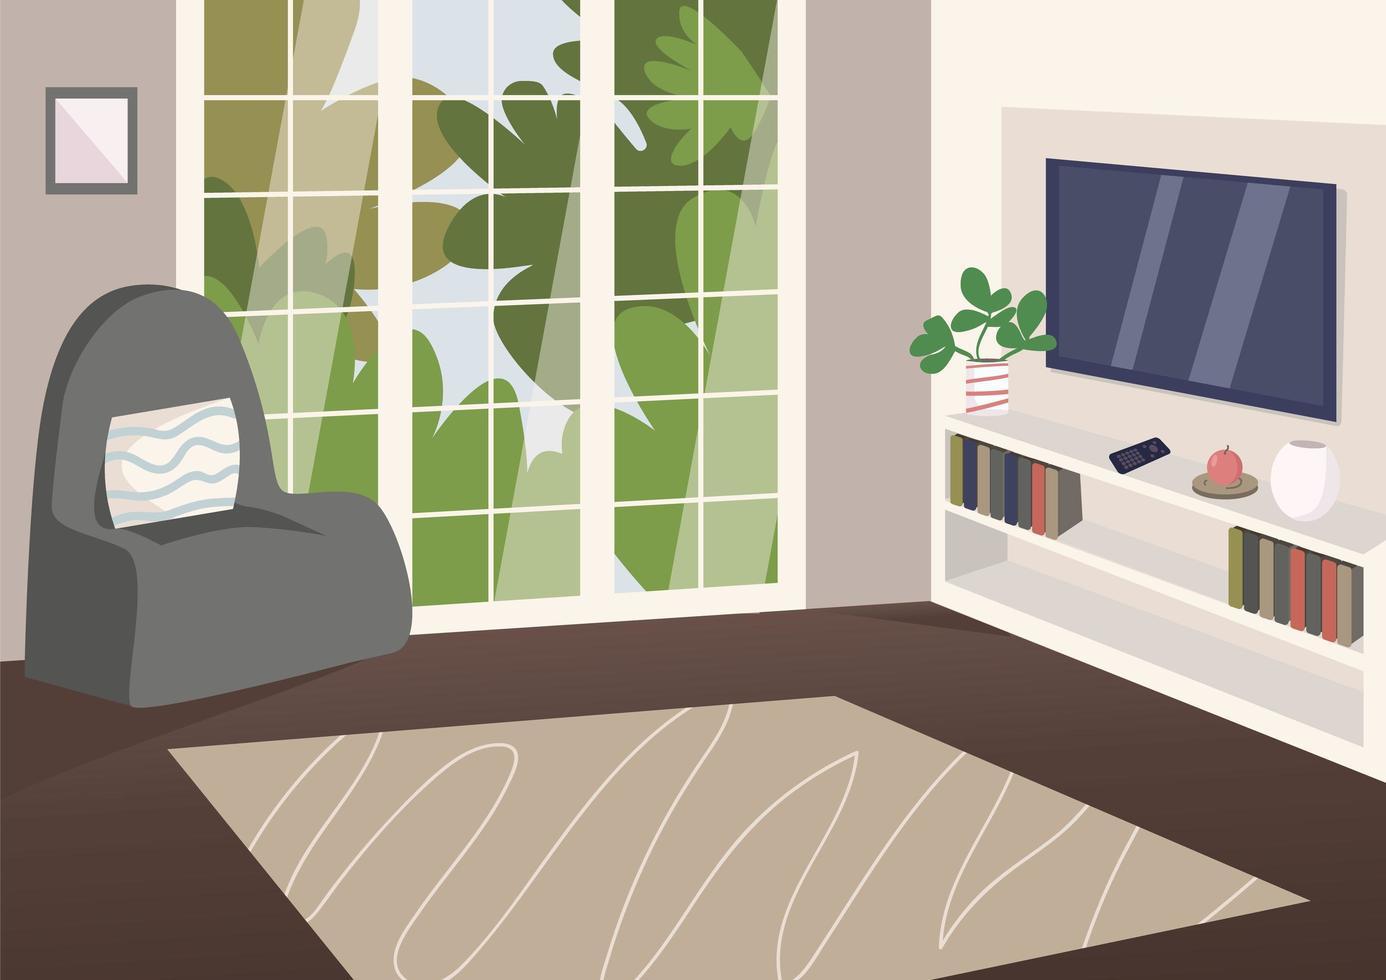 geräumiges Wohnzimmer vektor